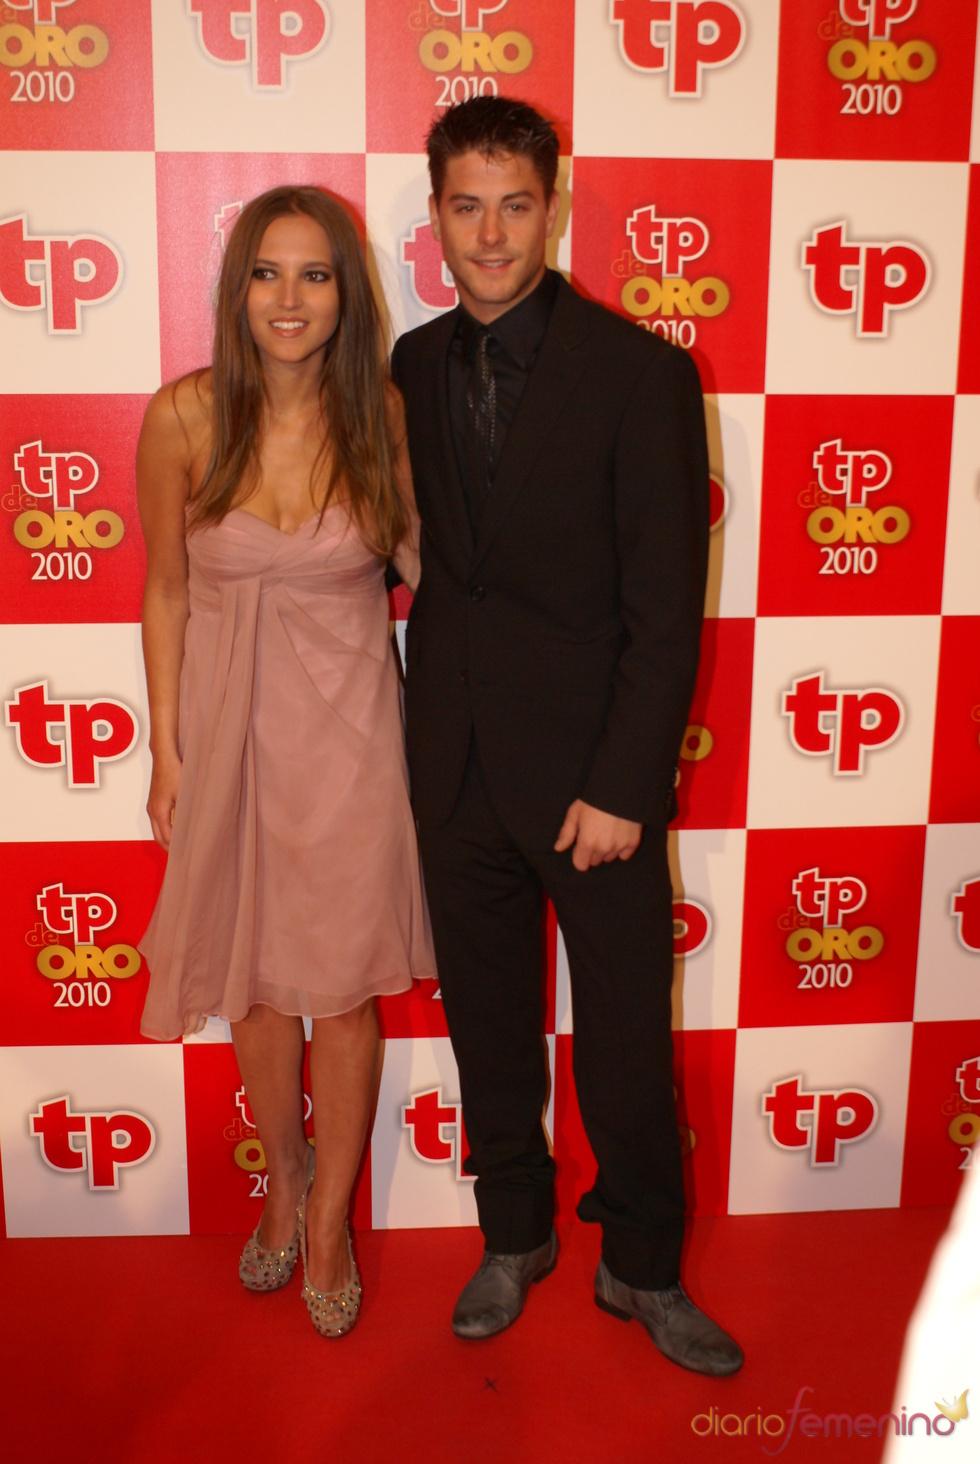 Ana Fernández y Luis Fernández en los Premios TP de Oro 2010